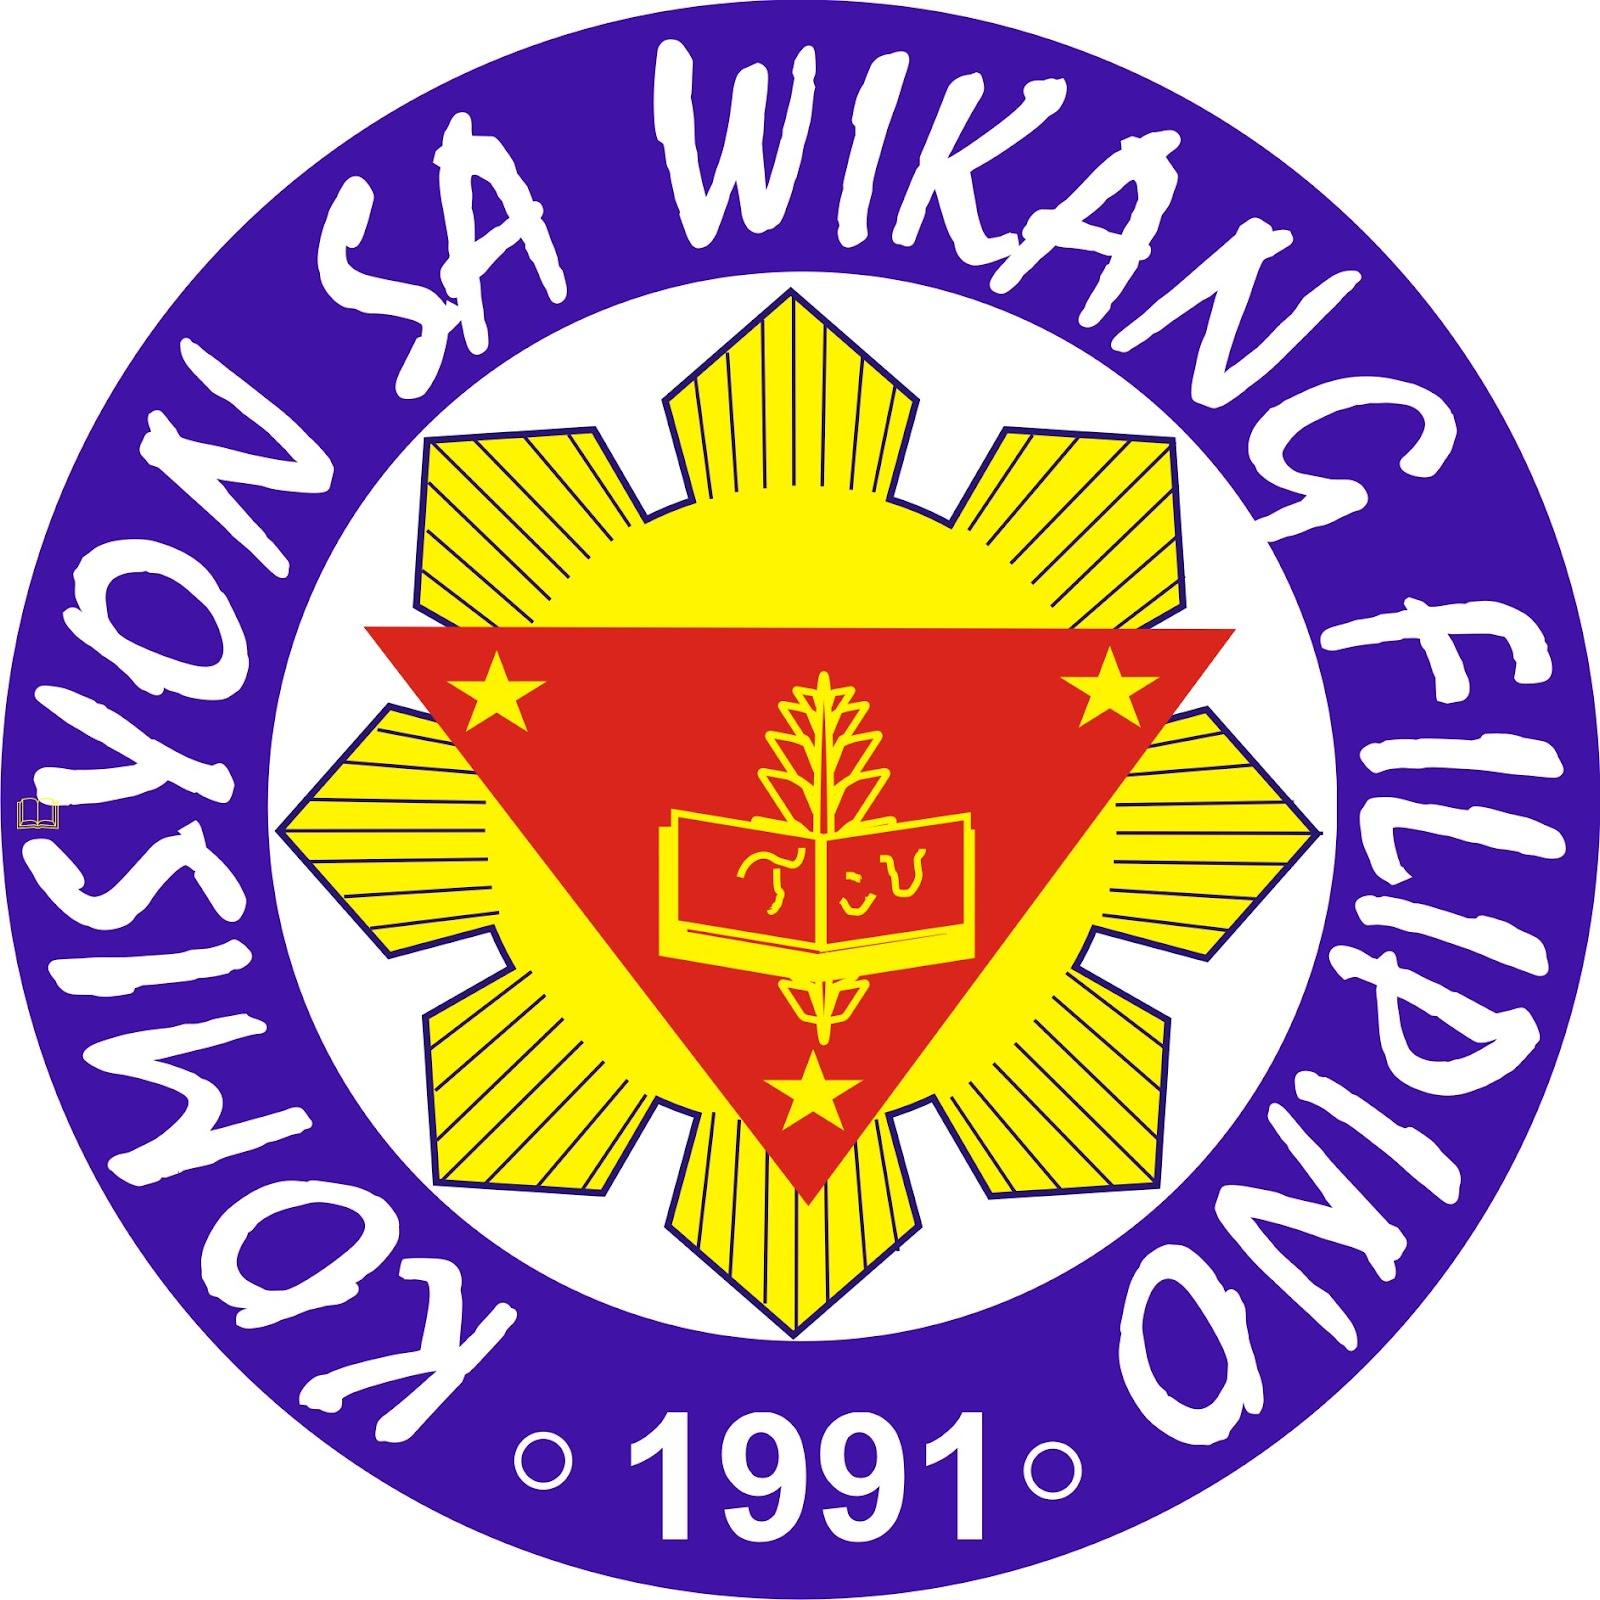 essay about tatag ng wikang filipino